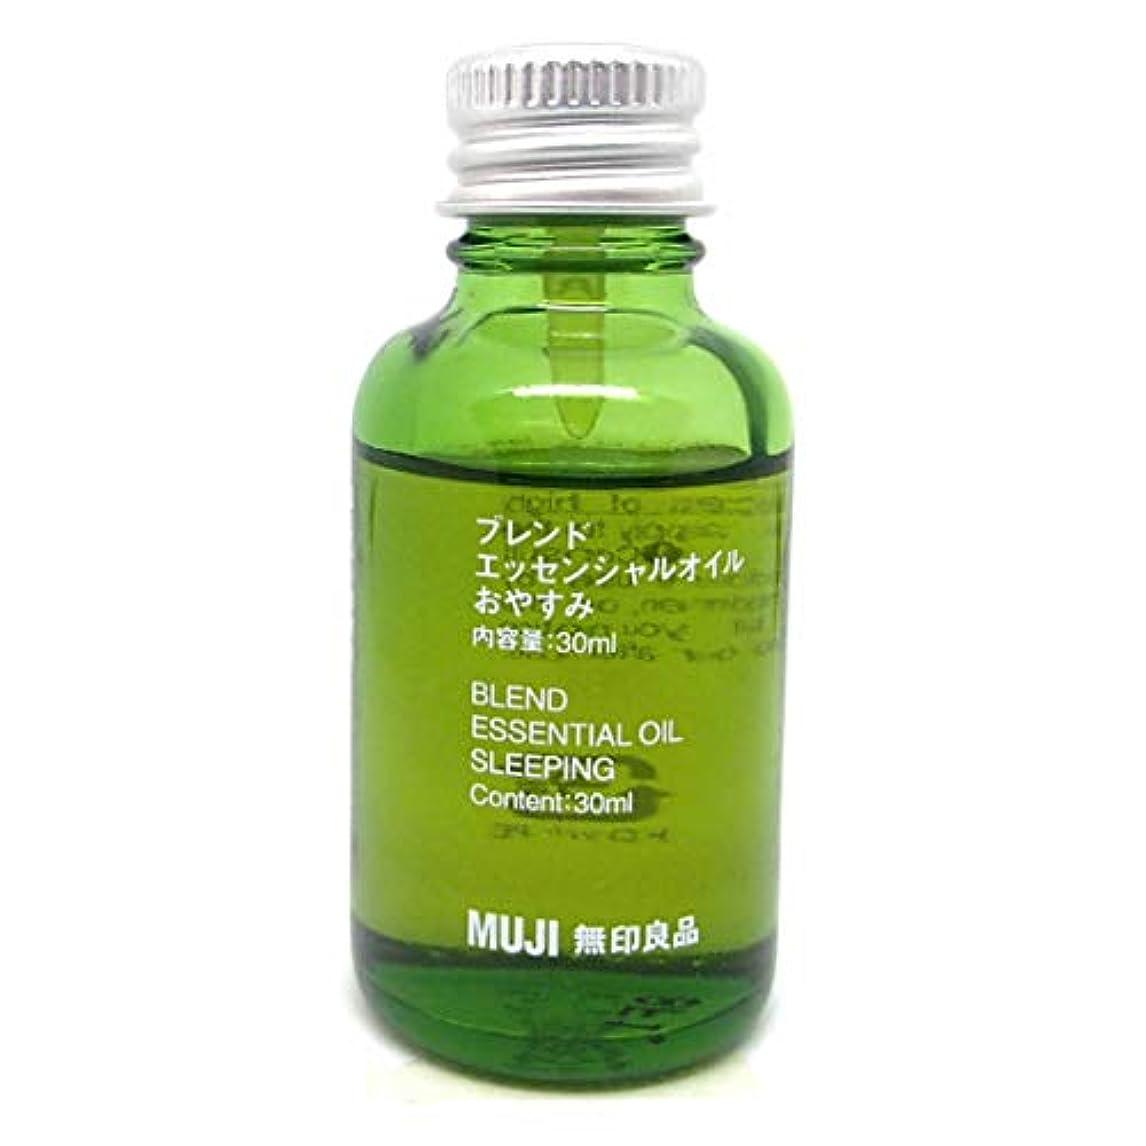 ニンニク規則性動作【無印良品】エッセンシャルオイル30ml(おやすみ)